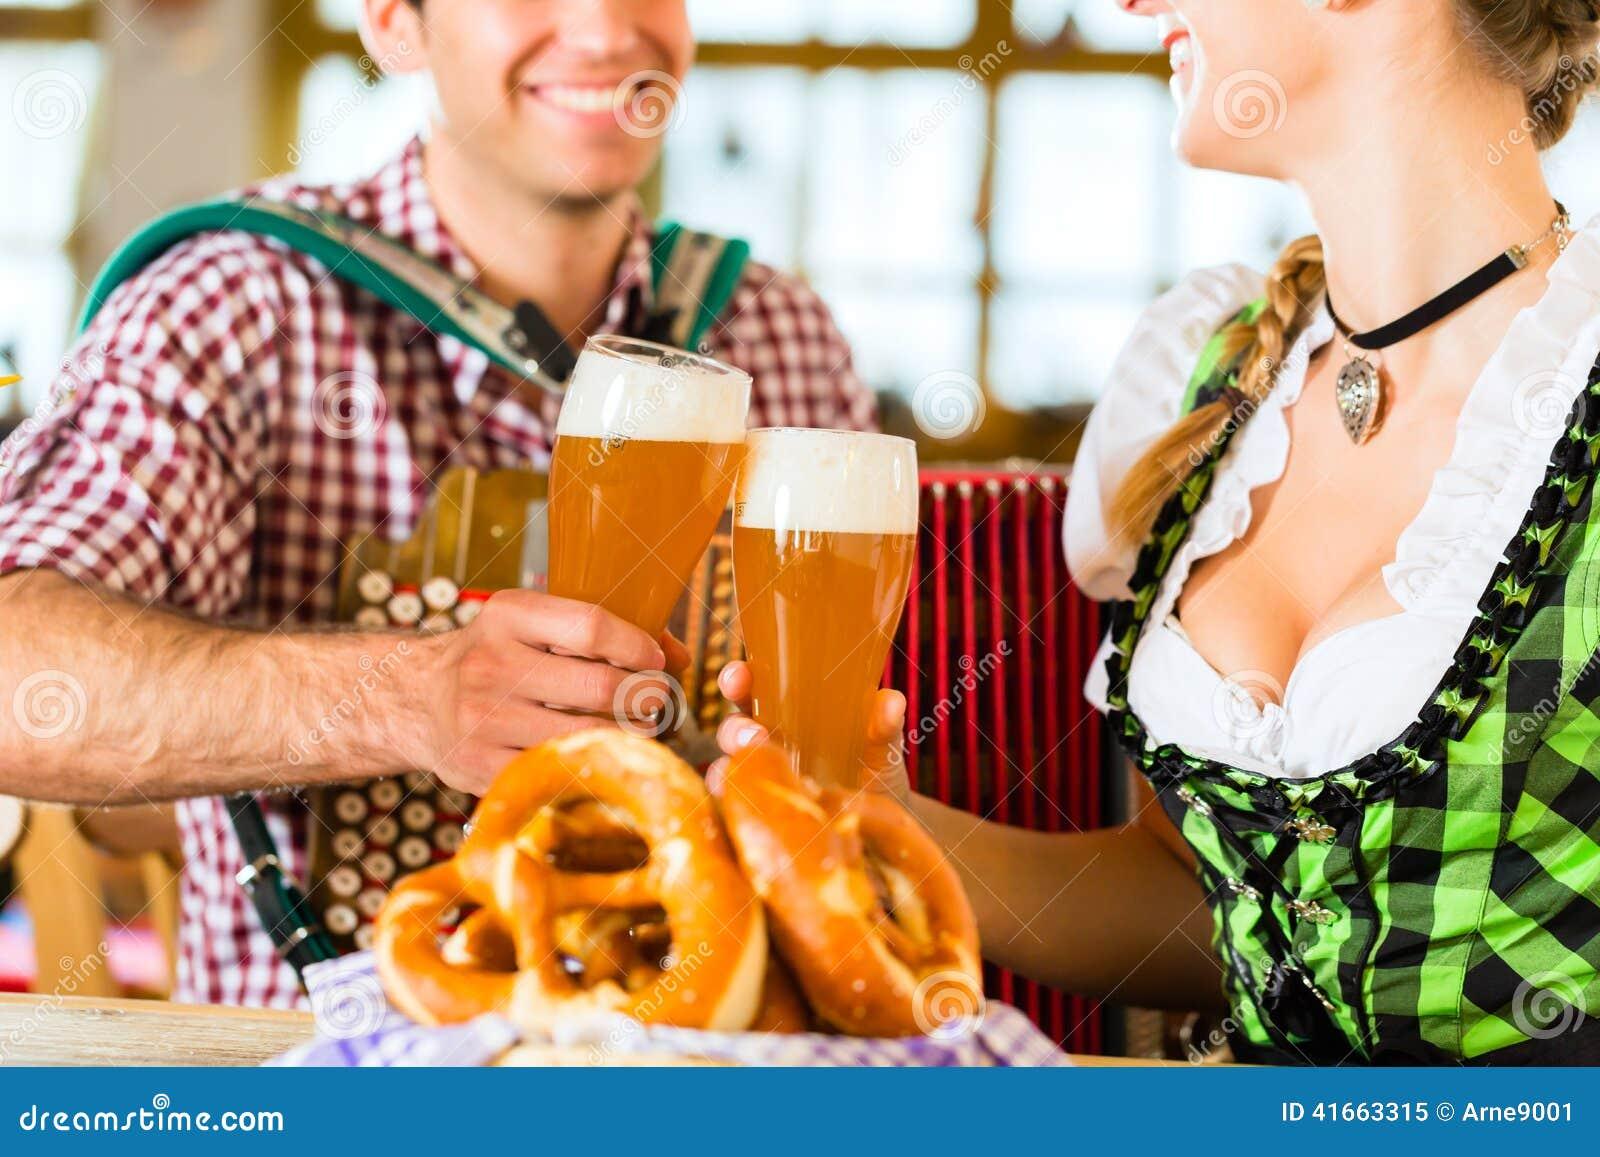 Баварский ресторан с пивом и кренделями